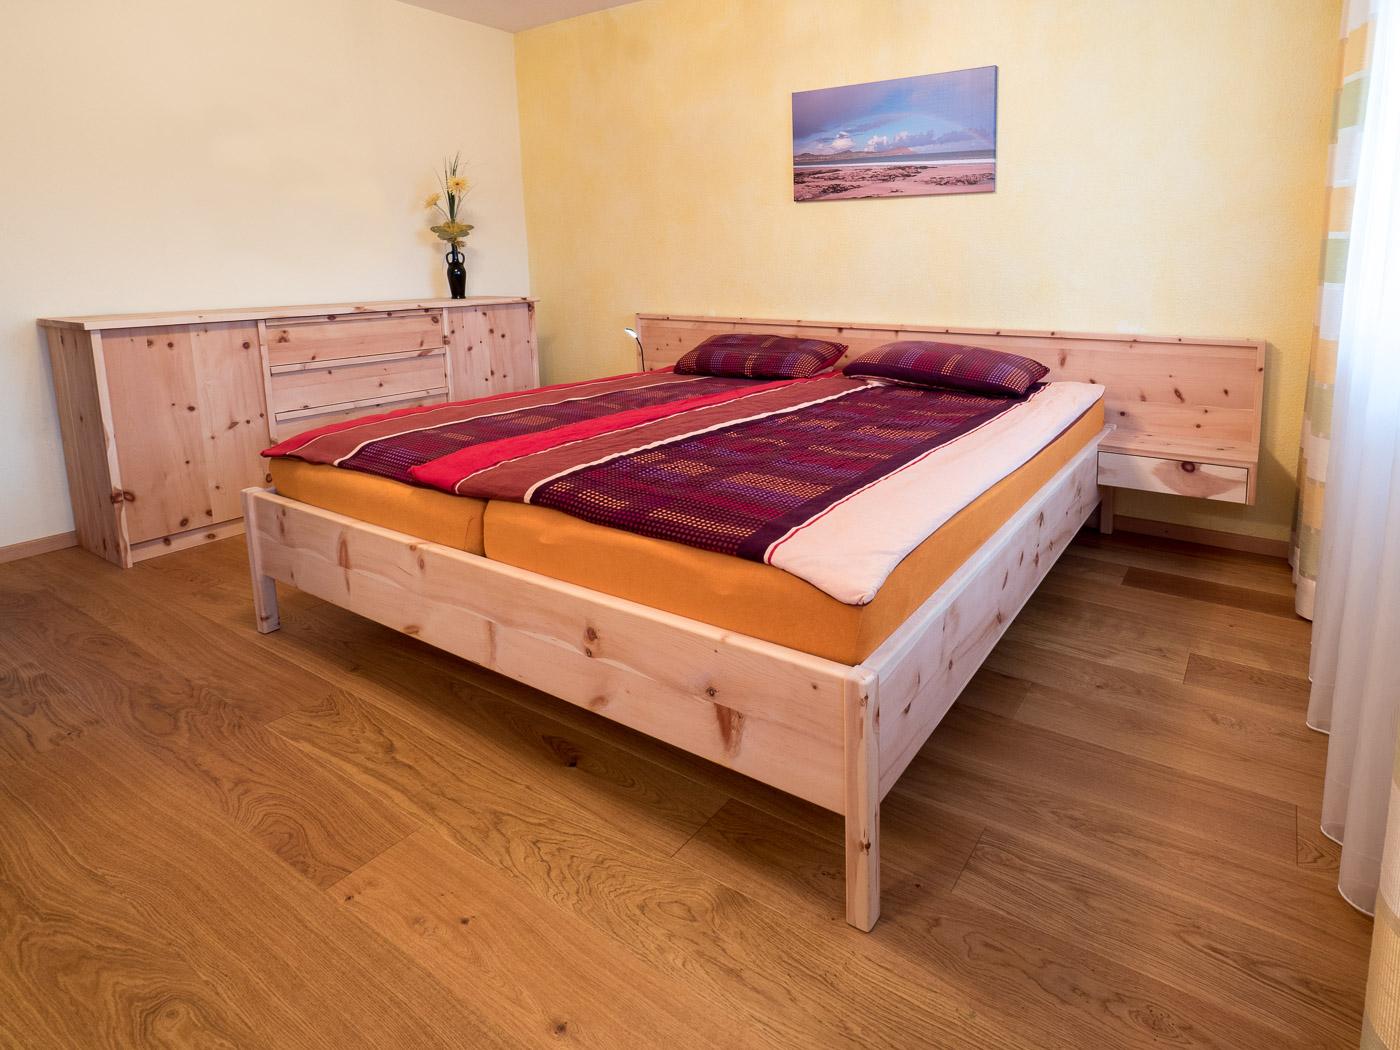 Schlafzimmermöbel und Betten vom Schreiner Dorhuber in Kienberg.